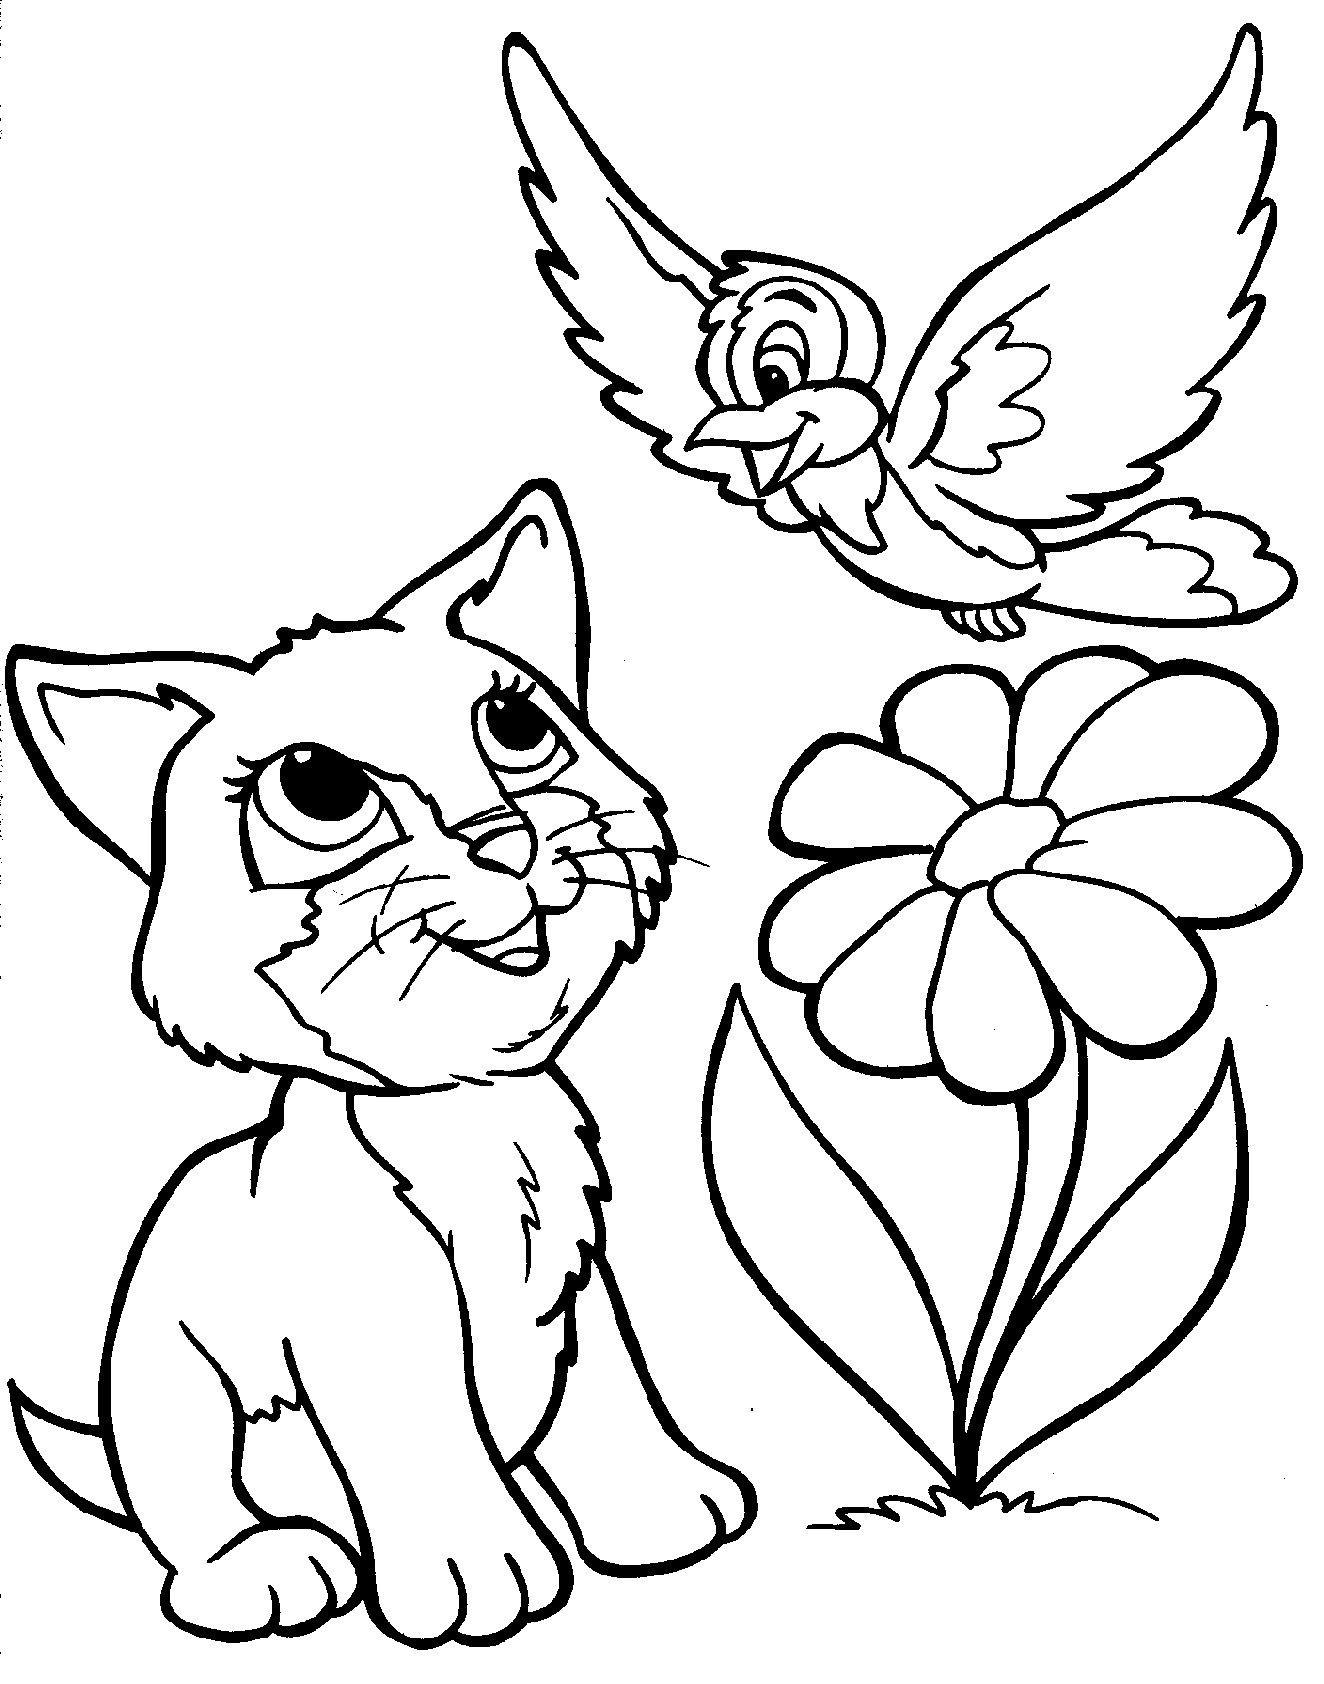 Disegni Di Gatti Ispiratore Gatti Cats 40 Disegni Da